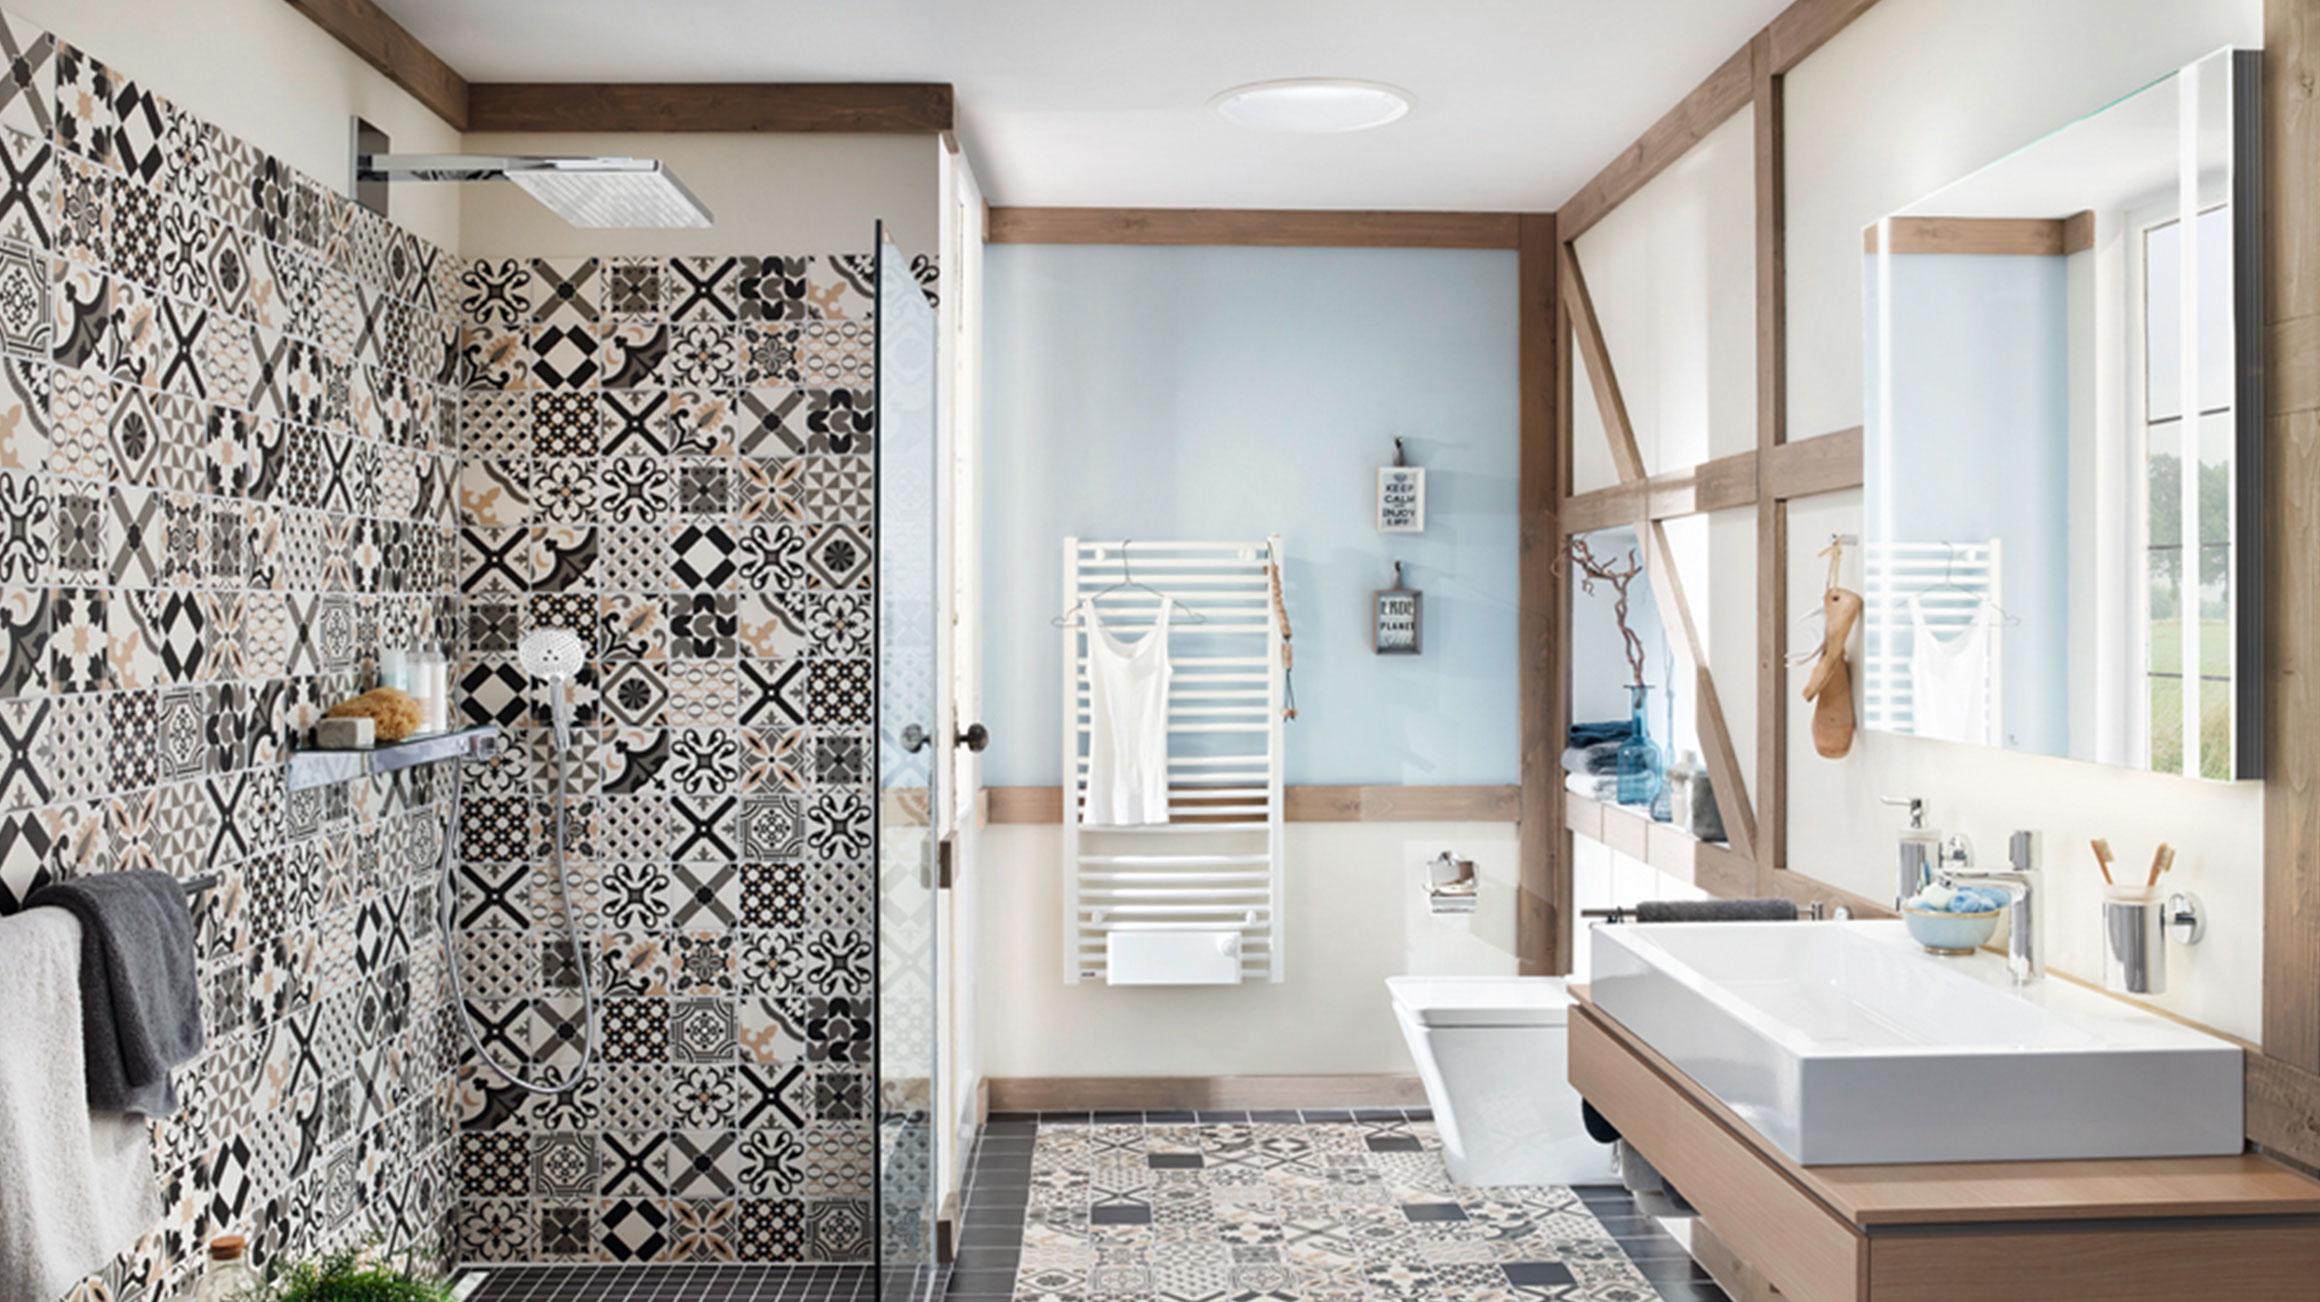 Bon Douche Avec Grande Douche Dans La Salle De Bain Orientale.